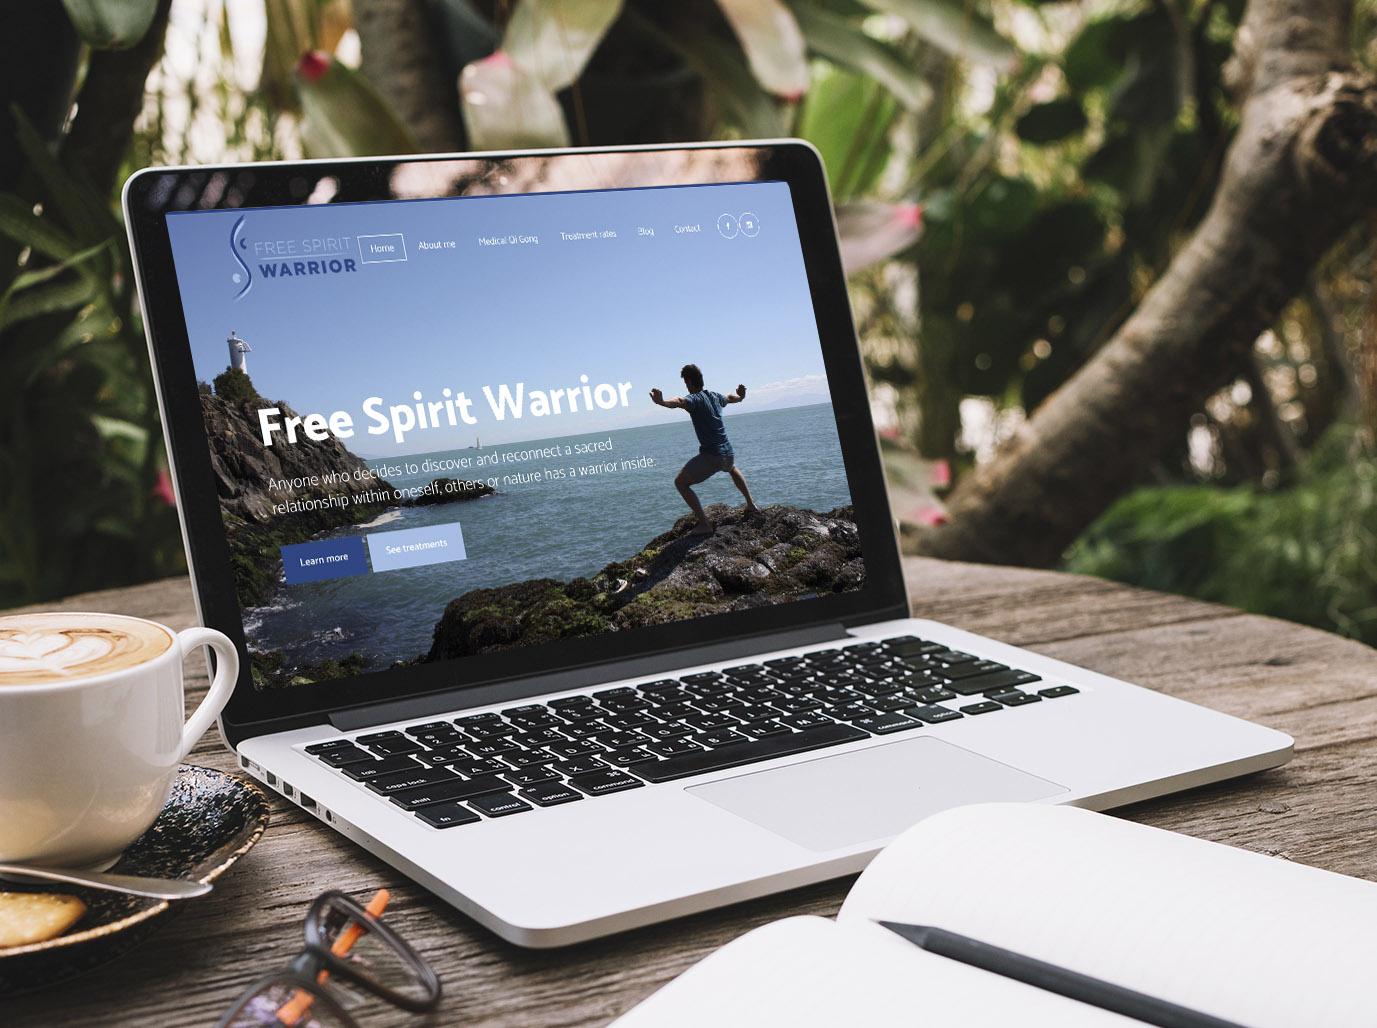 Laptop ukazujúci webstránku čínskej medicíny vytvorenú firmou IdeaMarketing.sk